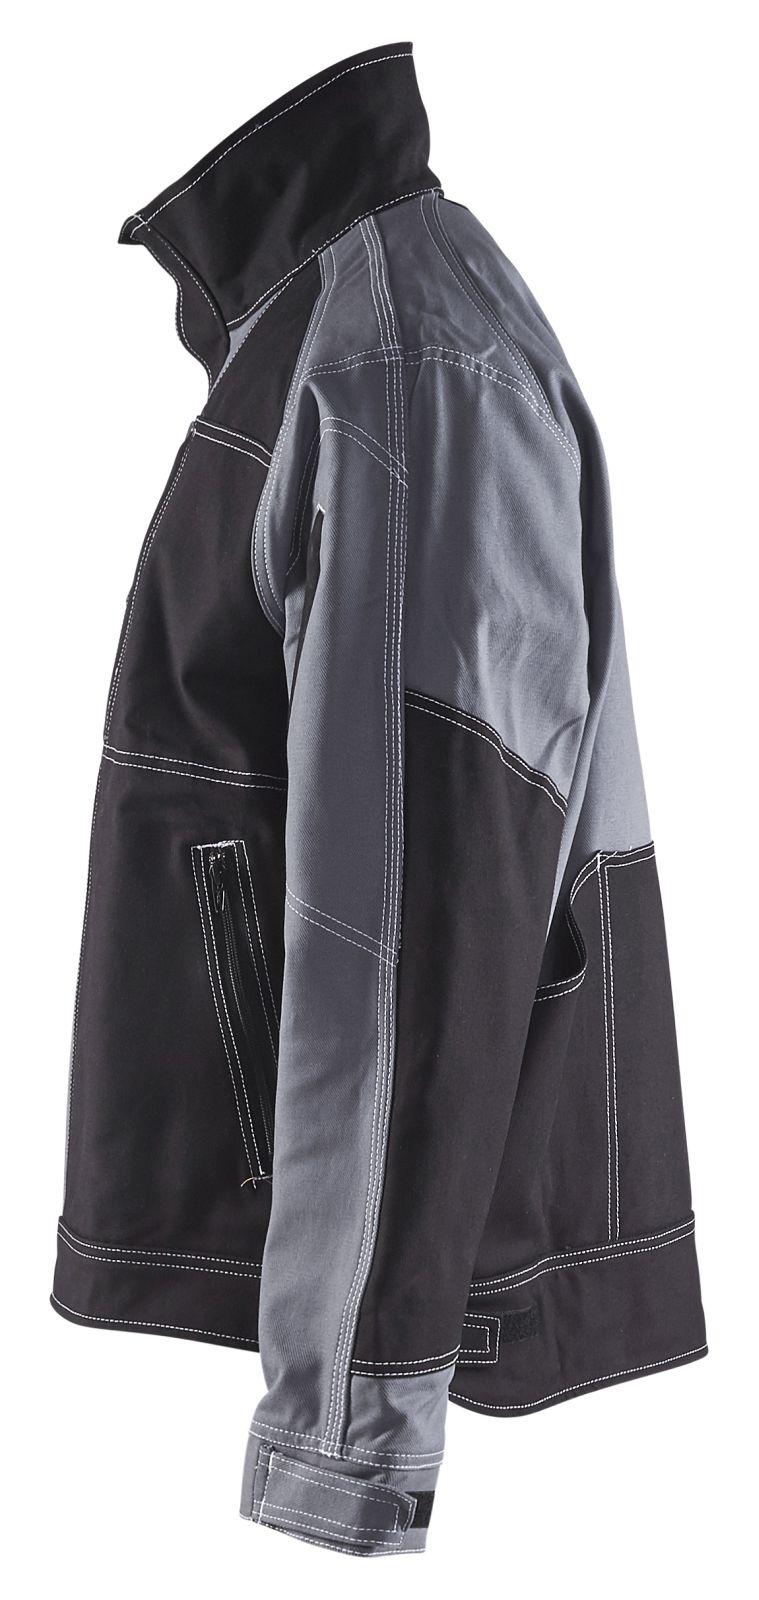 Blaklader Combi-jacks 40401370 grijs-zwart(9499)